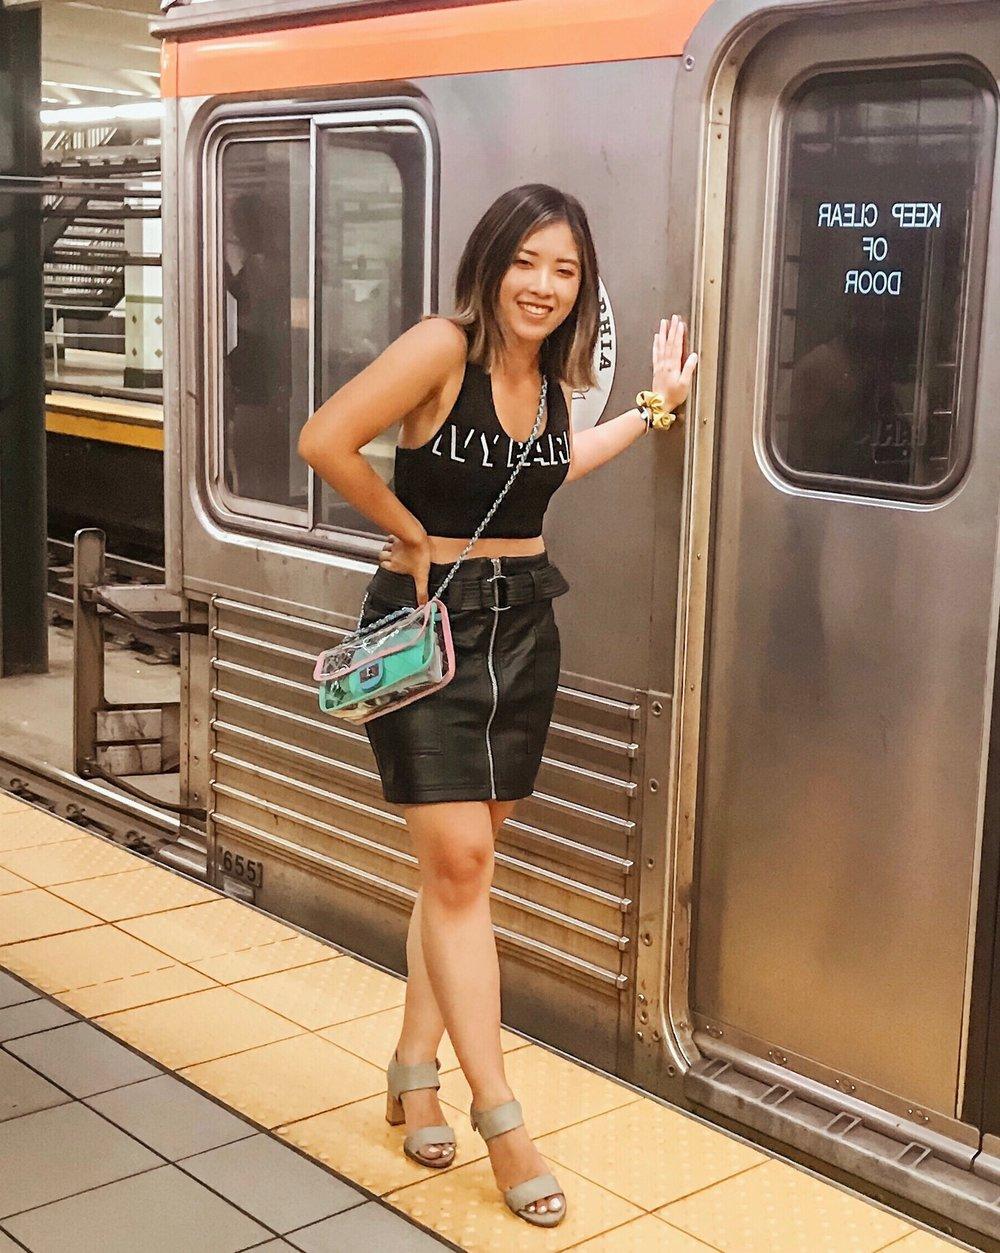 Ivy Park Sports Bra  //  Topshop Leather Miniskirt  //  YOOXI Clear Crossbody  (Amazon)